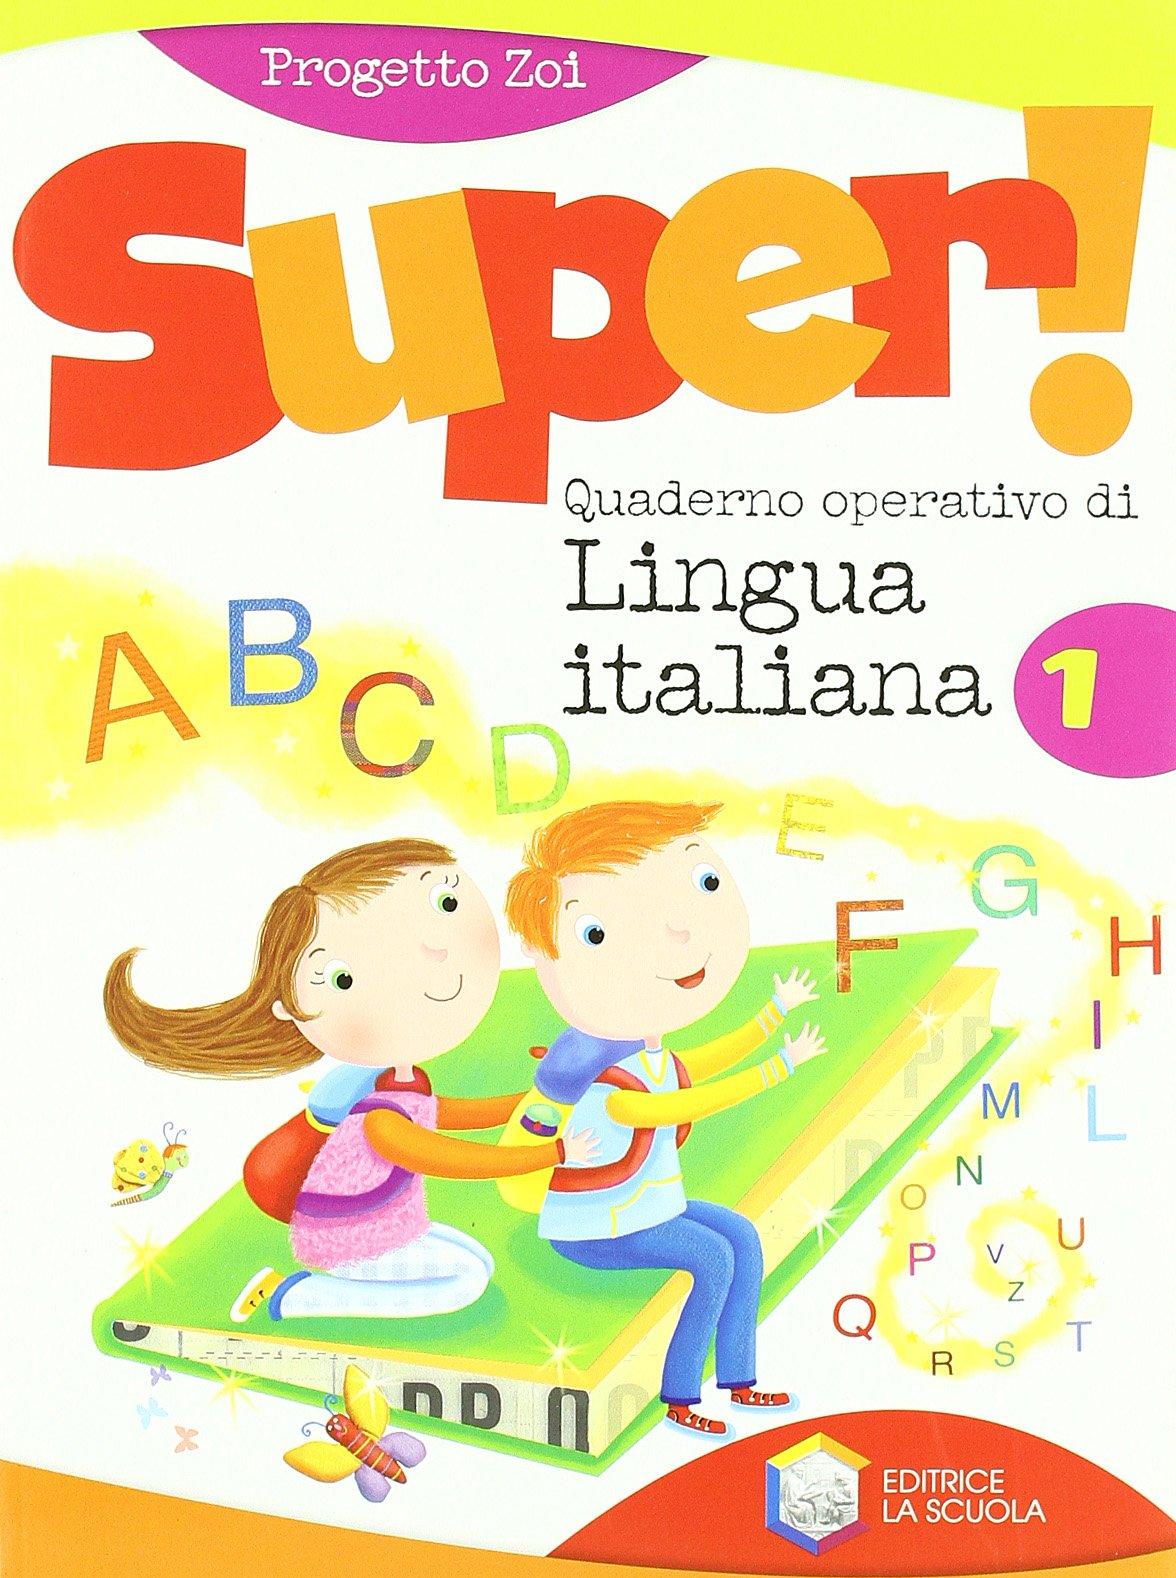 Top Quaderni Operativi Scuola Infanzia Da Scaricare Gratis SC08  PA44